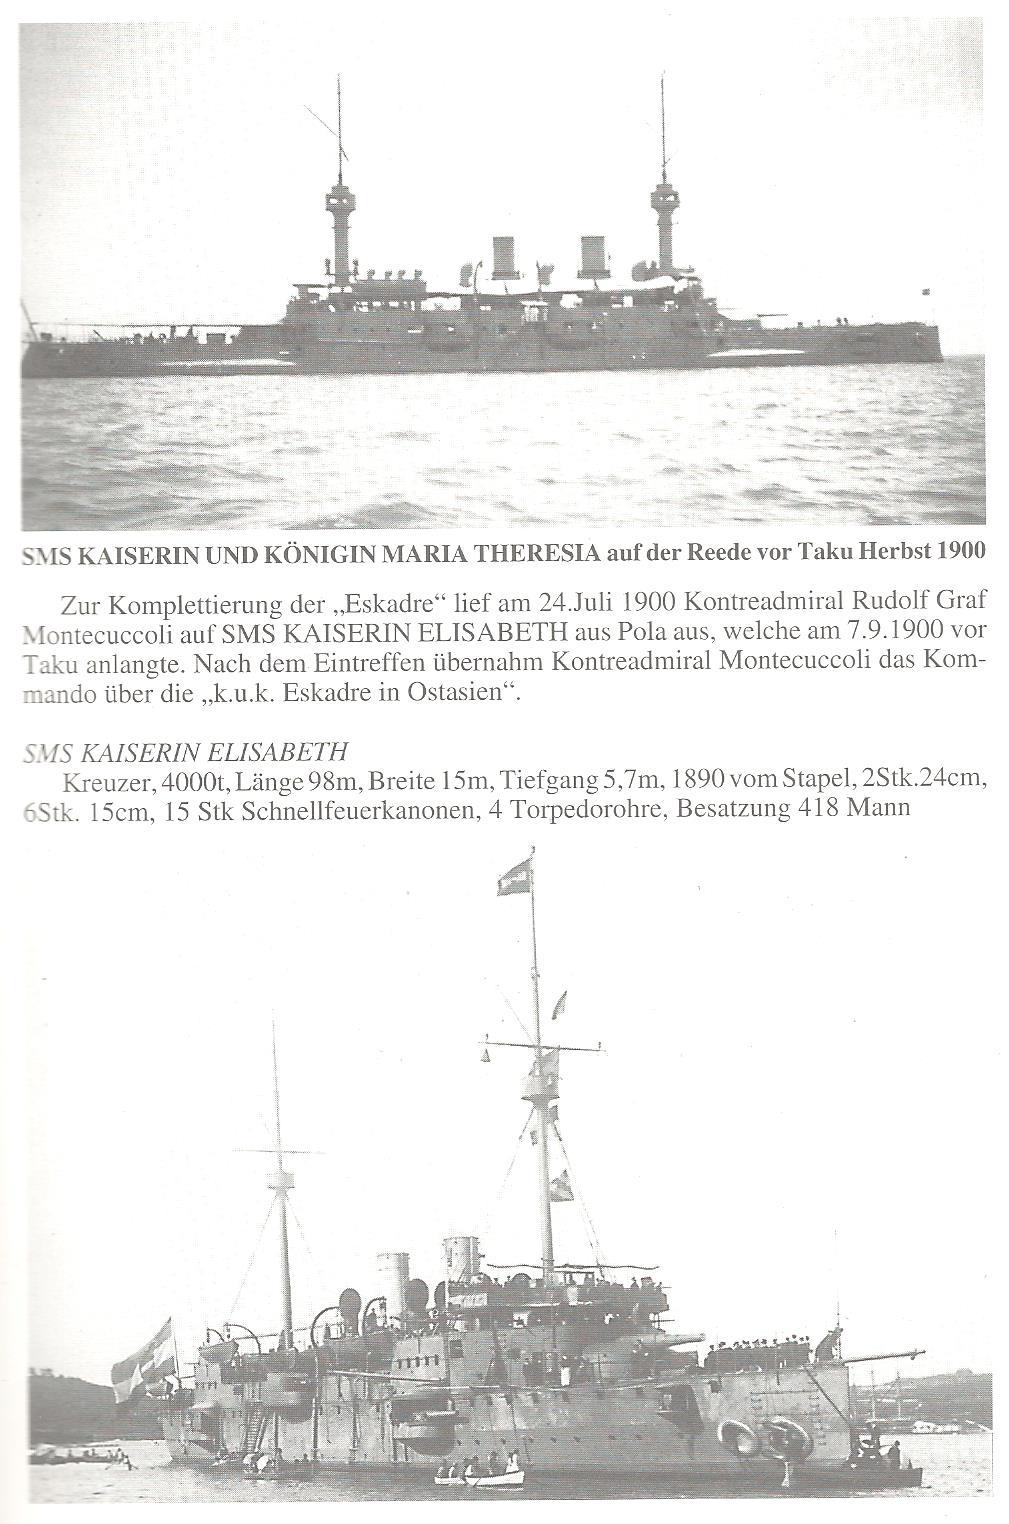 1900-09 SMS kaiserin maria theresia